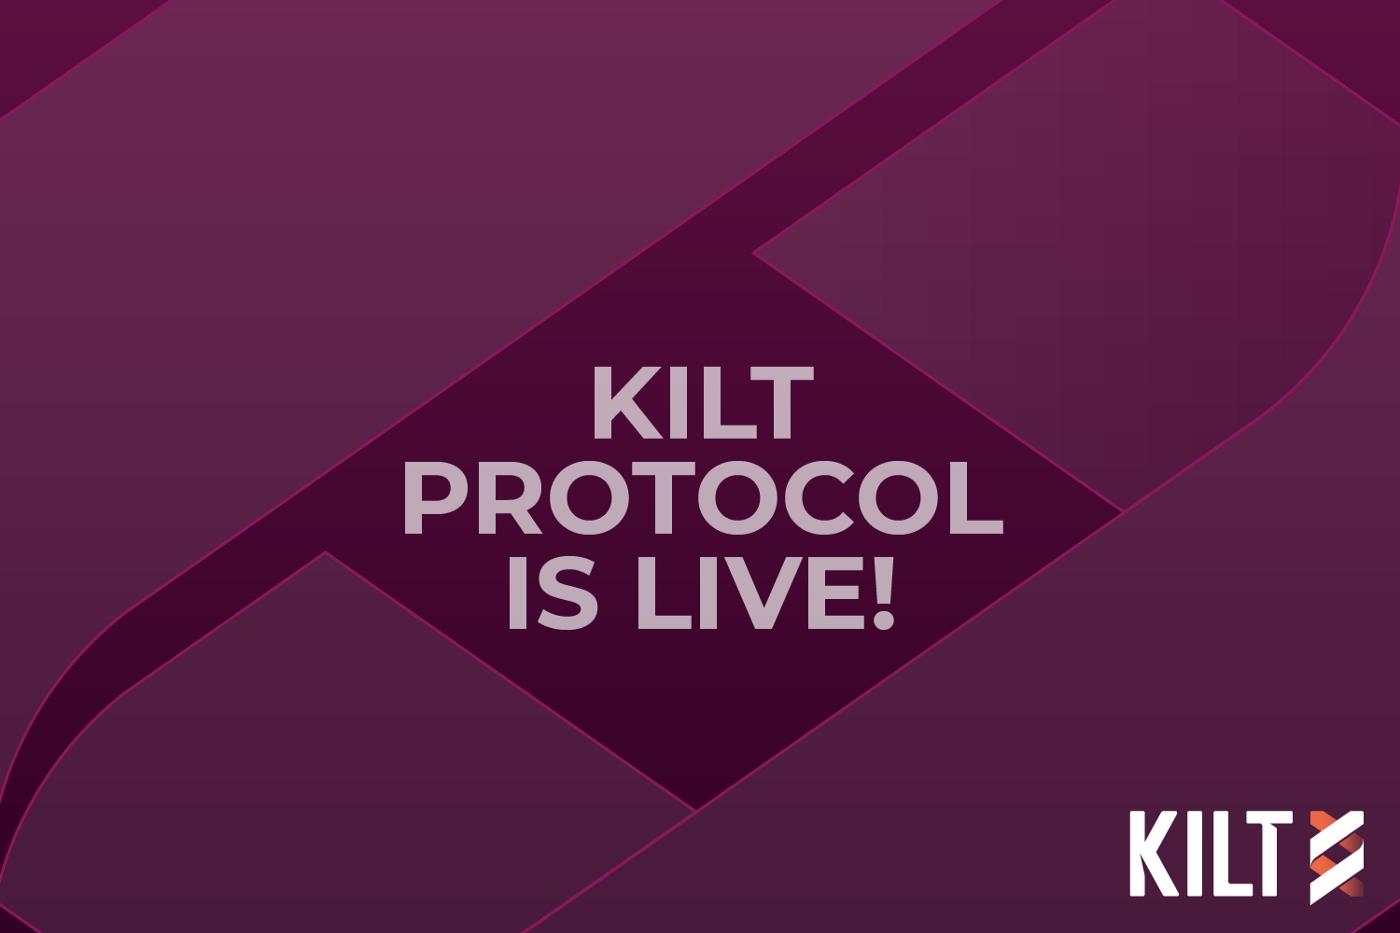 KILT est déployé sur le mainnet de Kusama